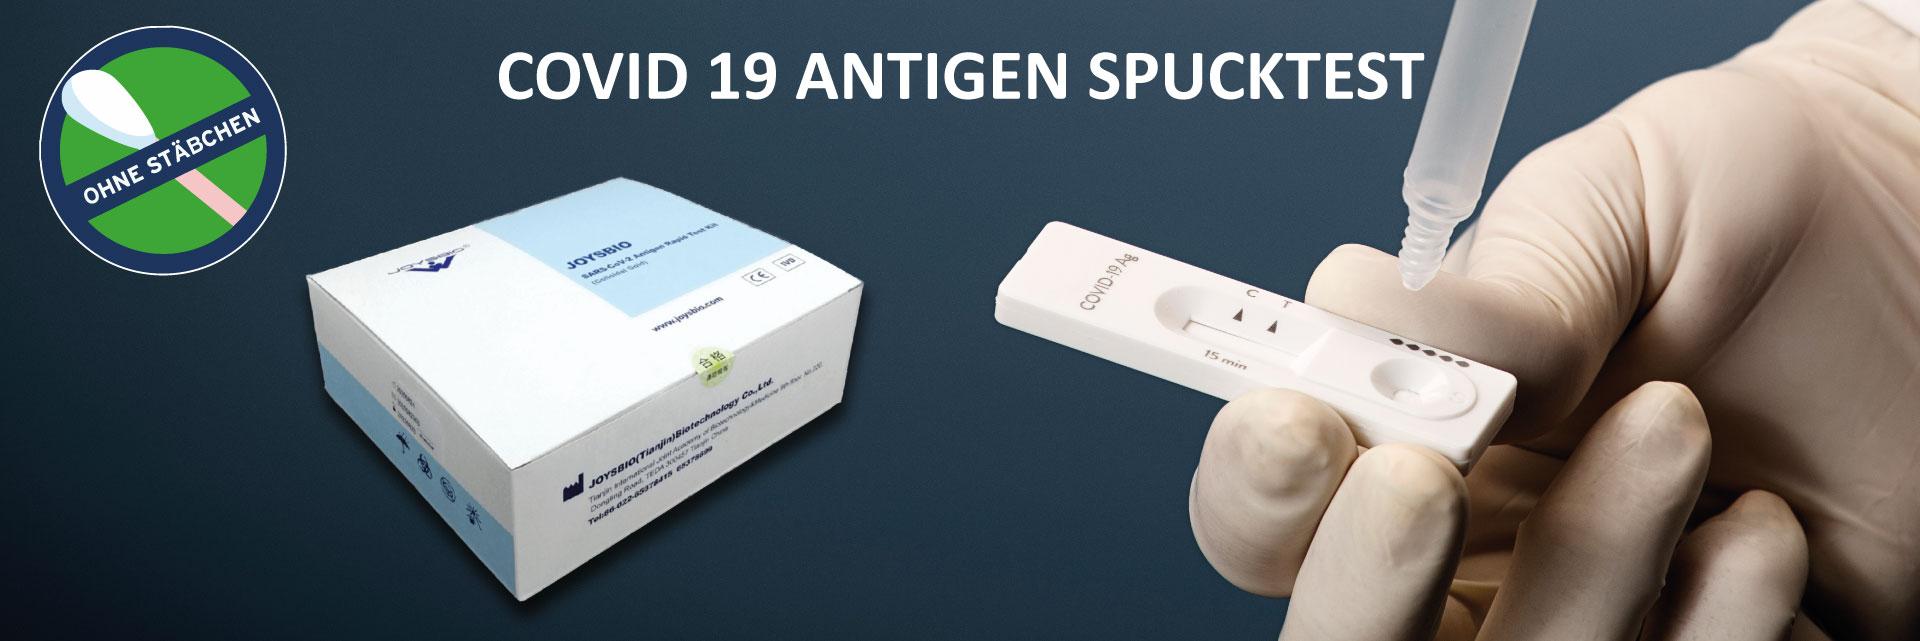 antigen, schnelltest, test, corona, covid, spucktest, spuck, speichel